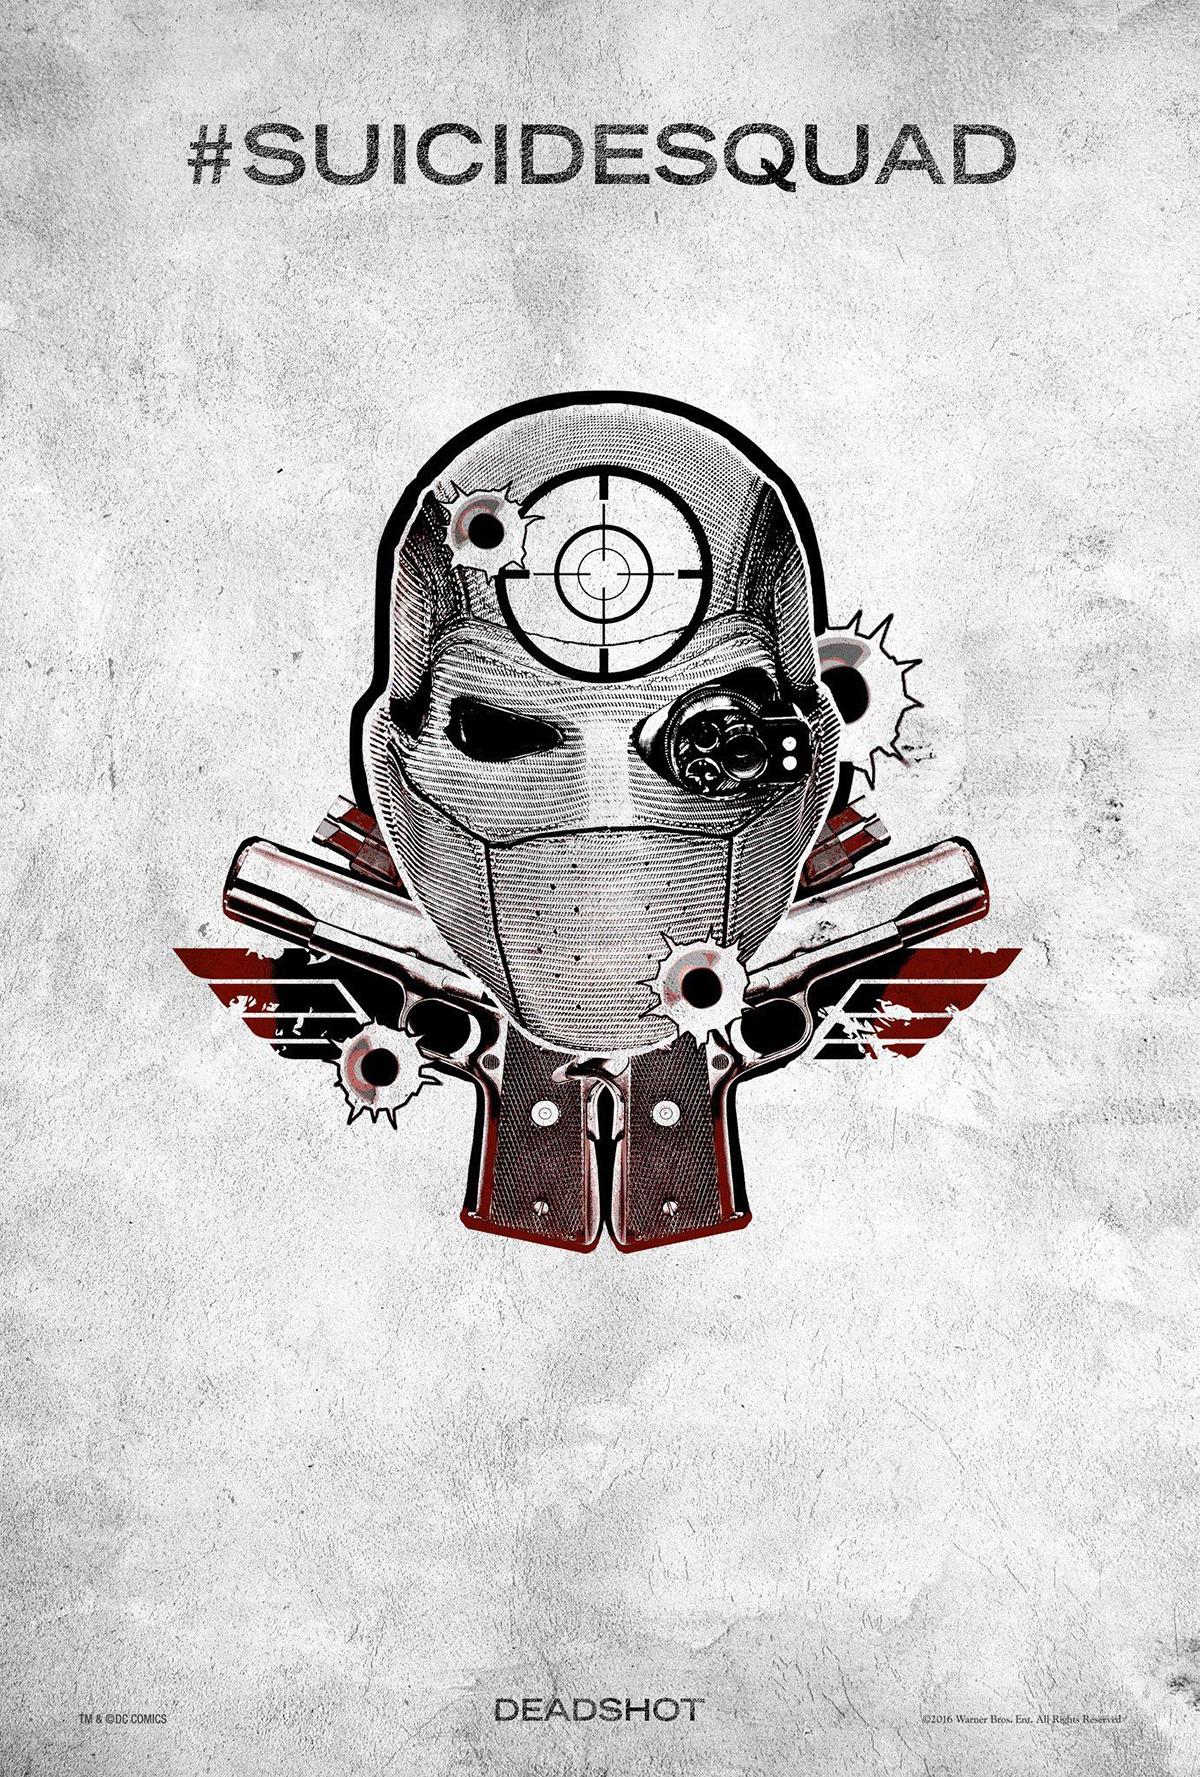 suicide-squad-deadshot-poster